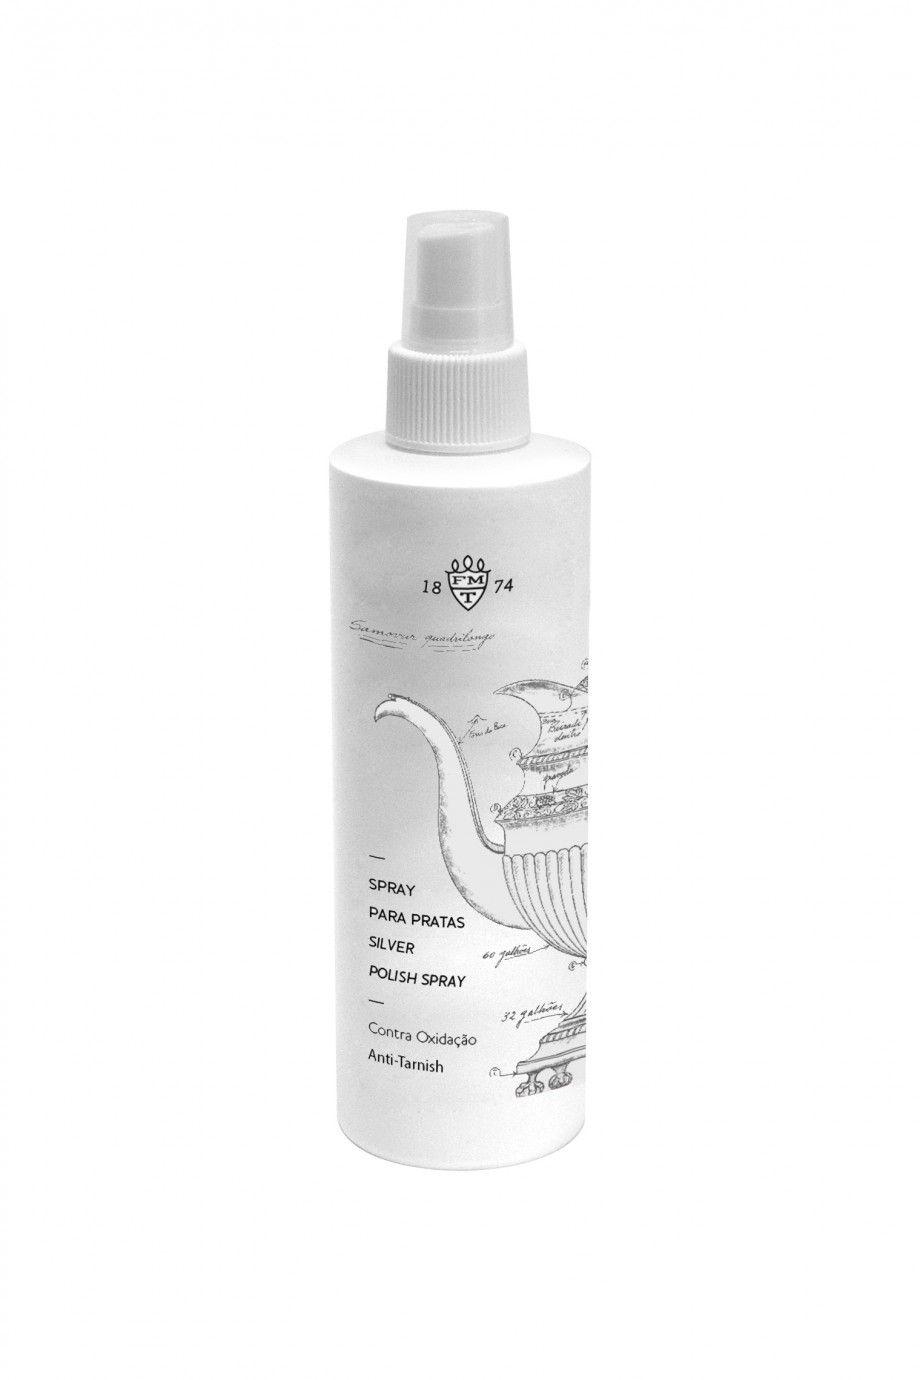 Spray Limpeza Prata